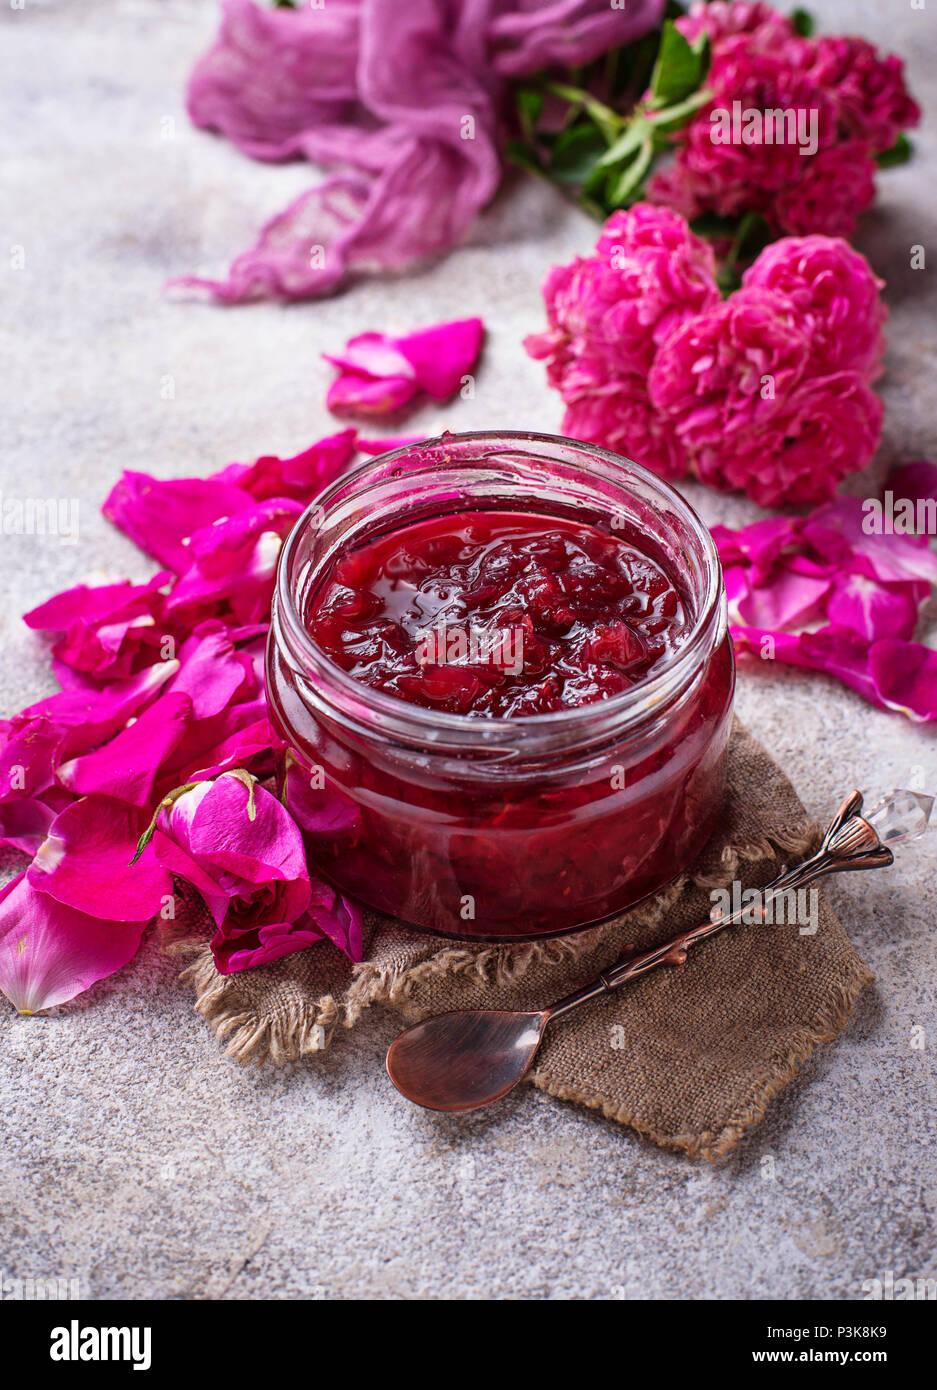 Hausgemachte Marmelade aus Rosenblättern Stockbild